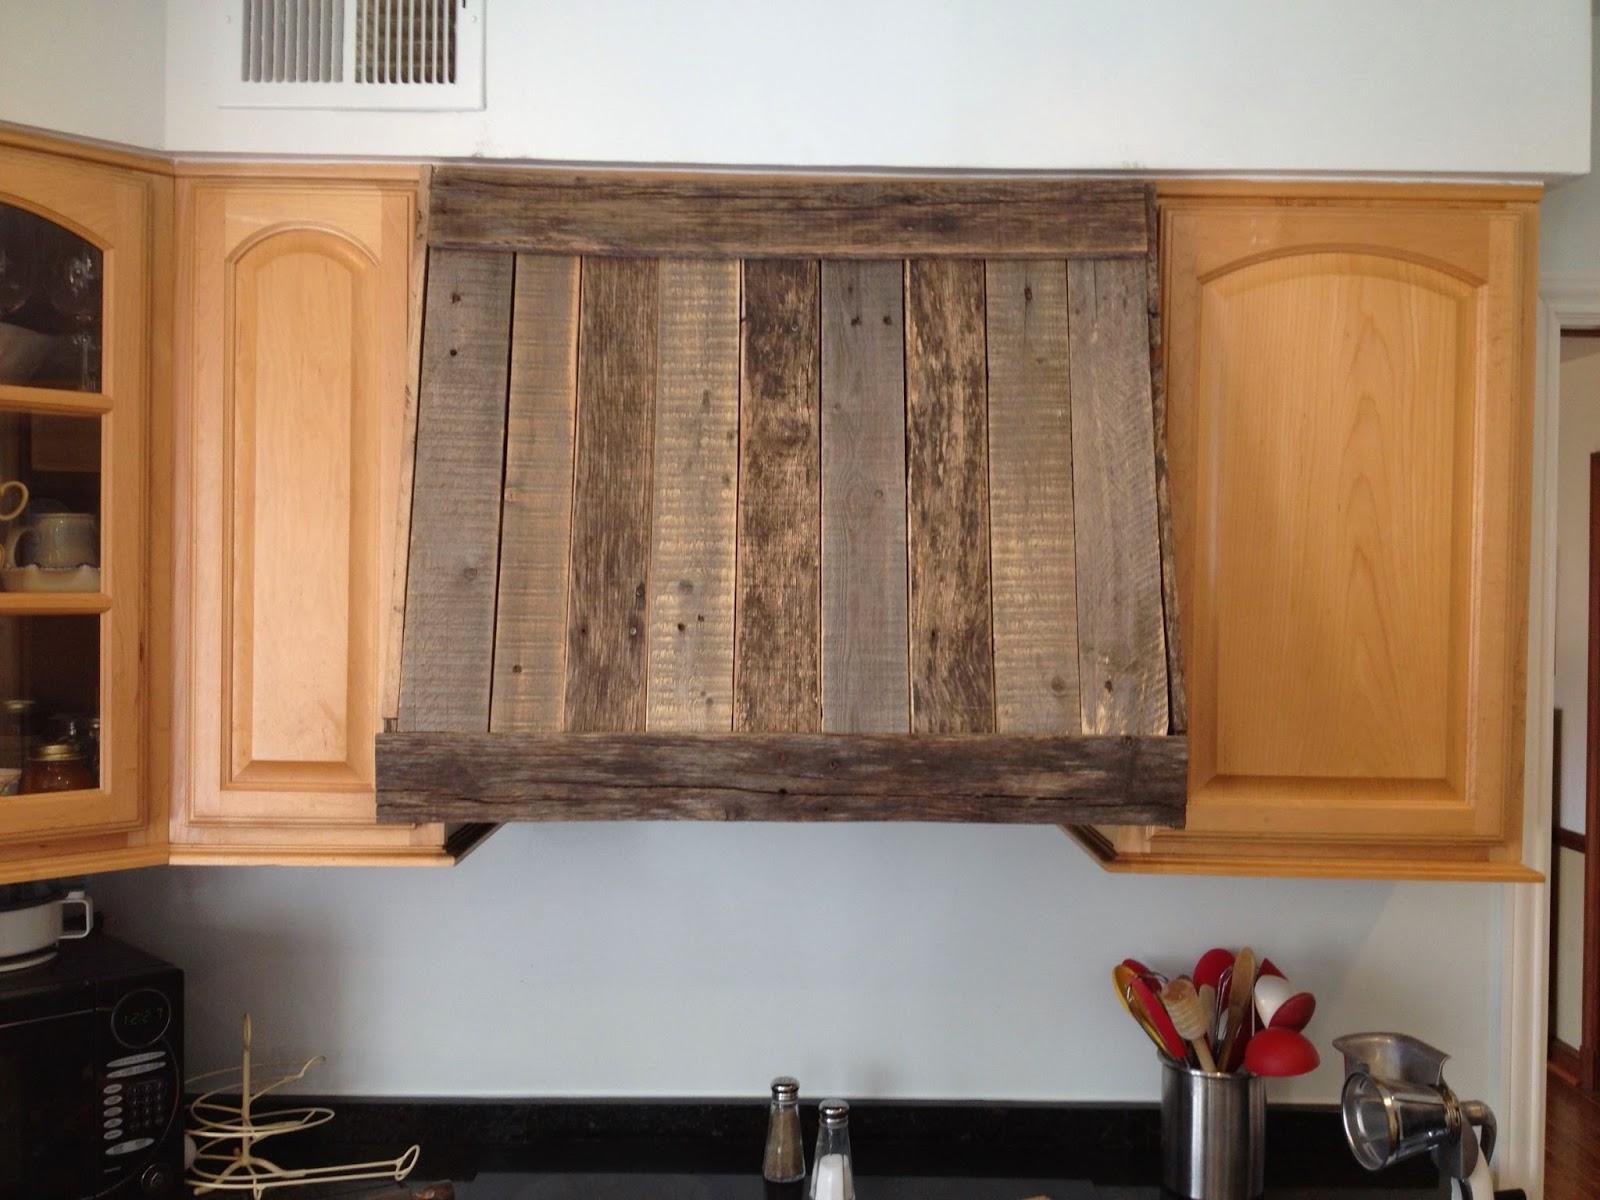 Campana de cocina hecha con tablas de - Muebles de palets para cocina ...